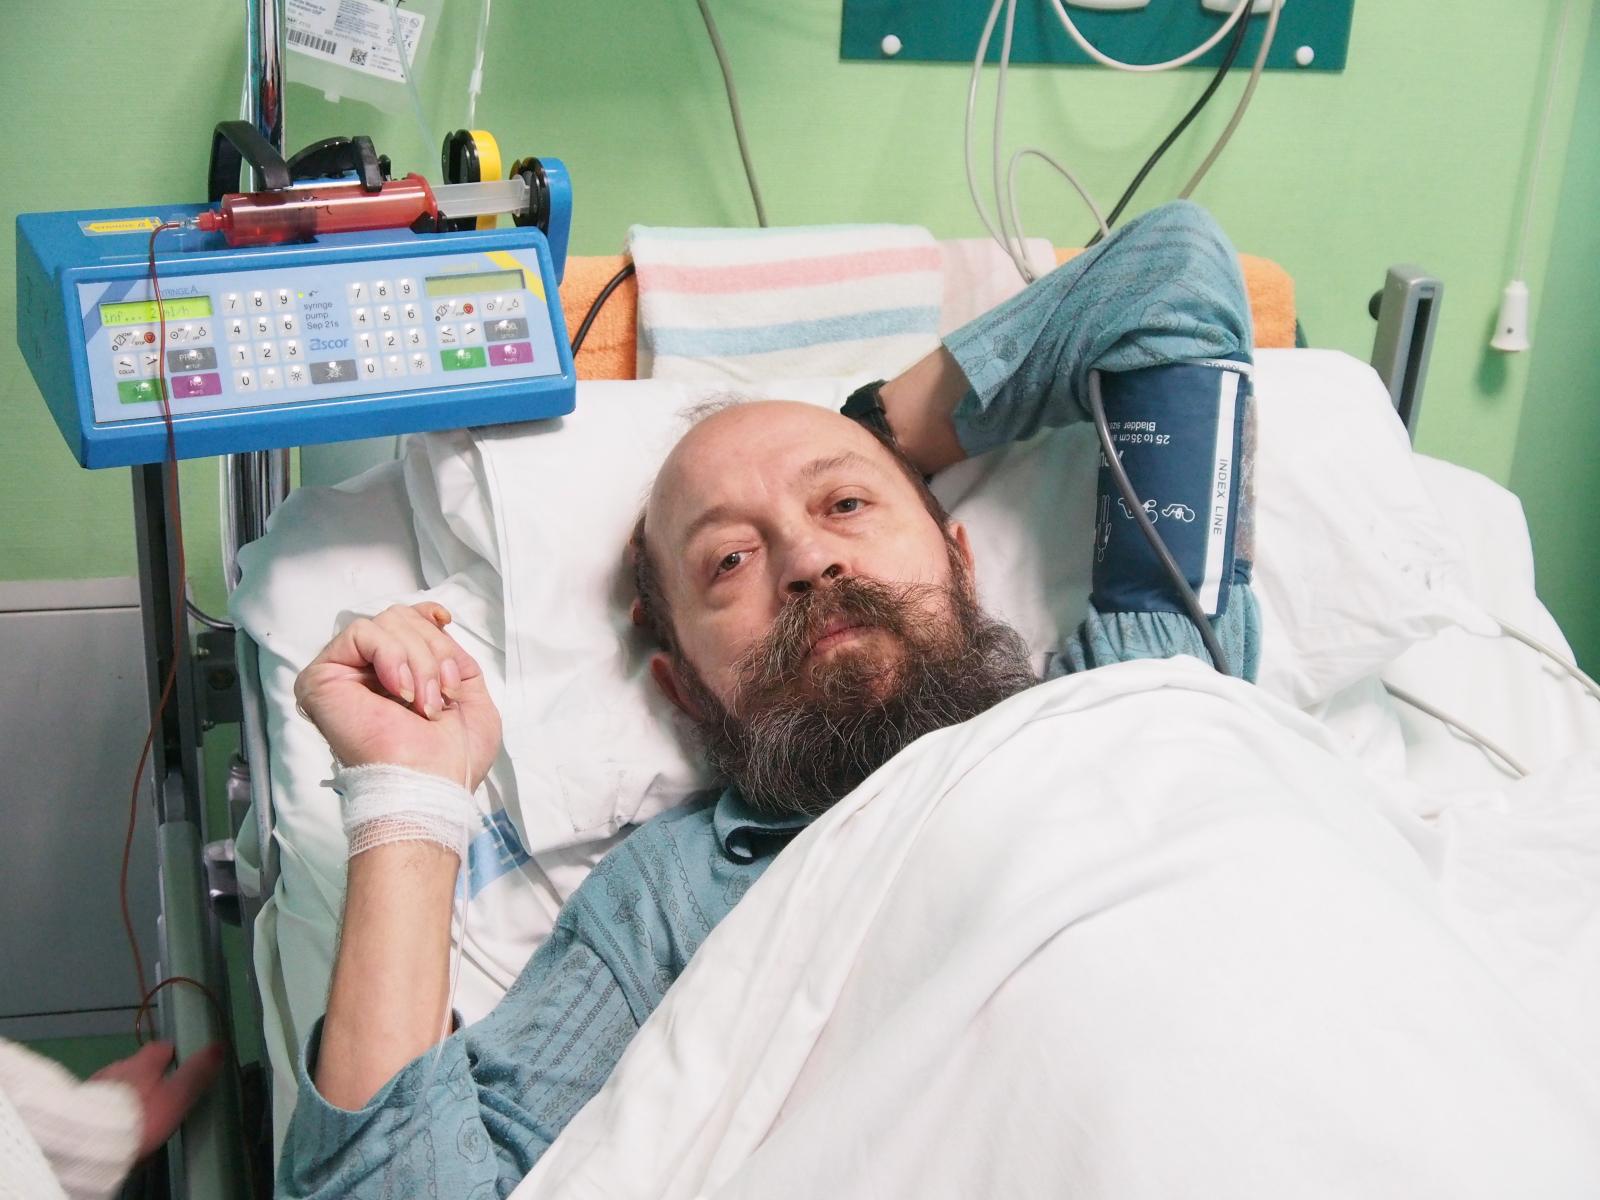 Pacjent po zabiegu ocalenia pękniętego serca. Był to unikatowy w skali światowej zabieg. Fot. PAP/Michał Szalast